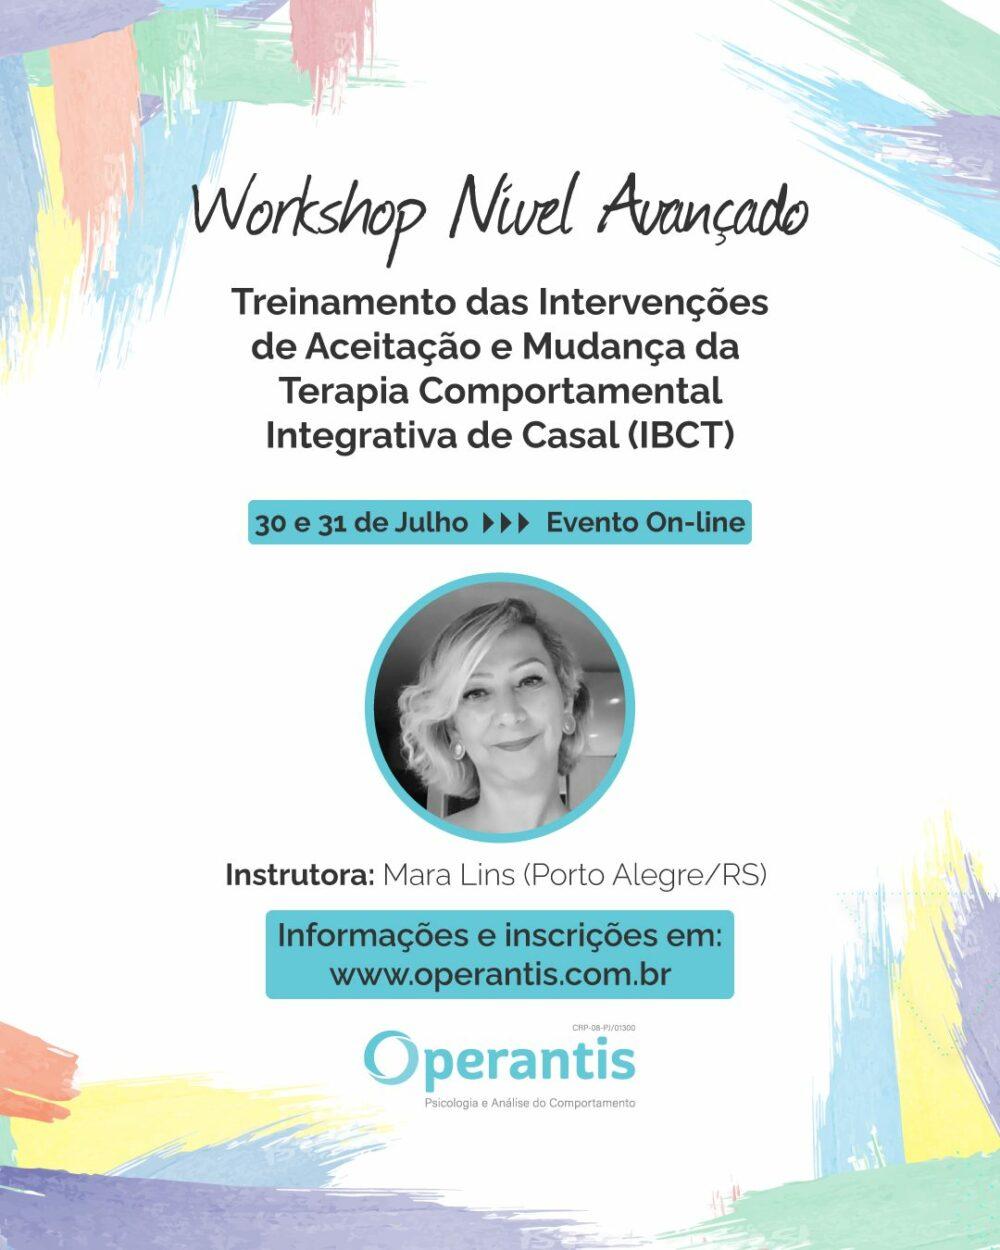 Workshop Nível Avançado: Treinamento das Intervenções de Aceitação e Mudança da Terapia Comportamental Integrativa de Casal (IBCT) 1